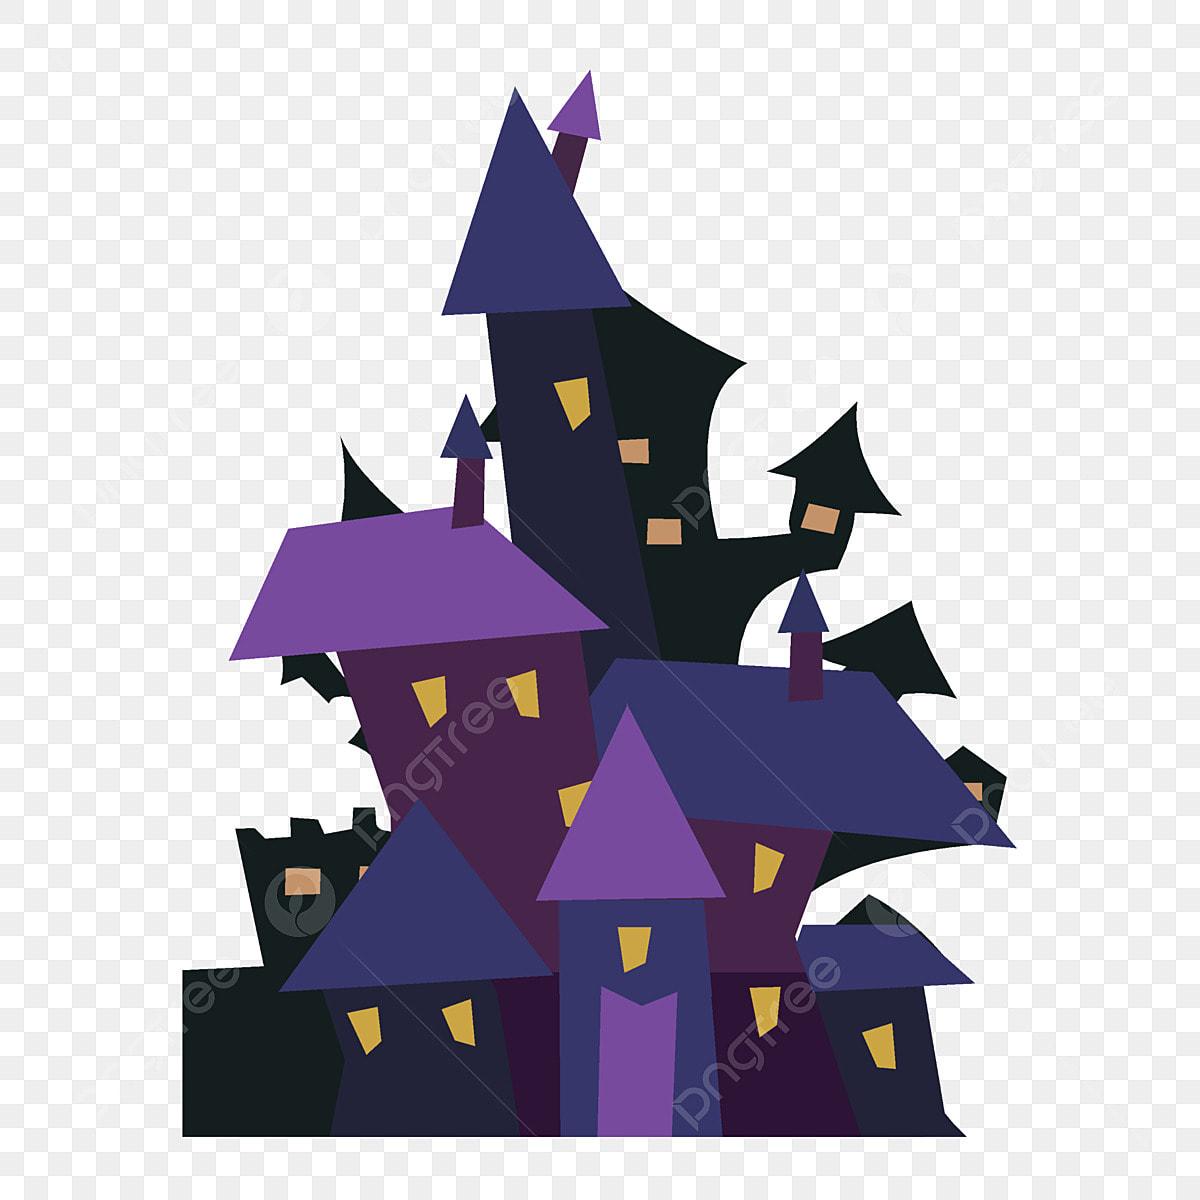 директор замок фиолетовой колдуньи рисунок холсте это